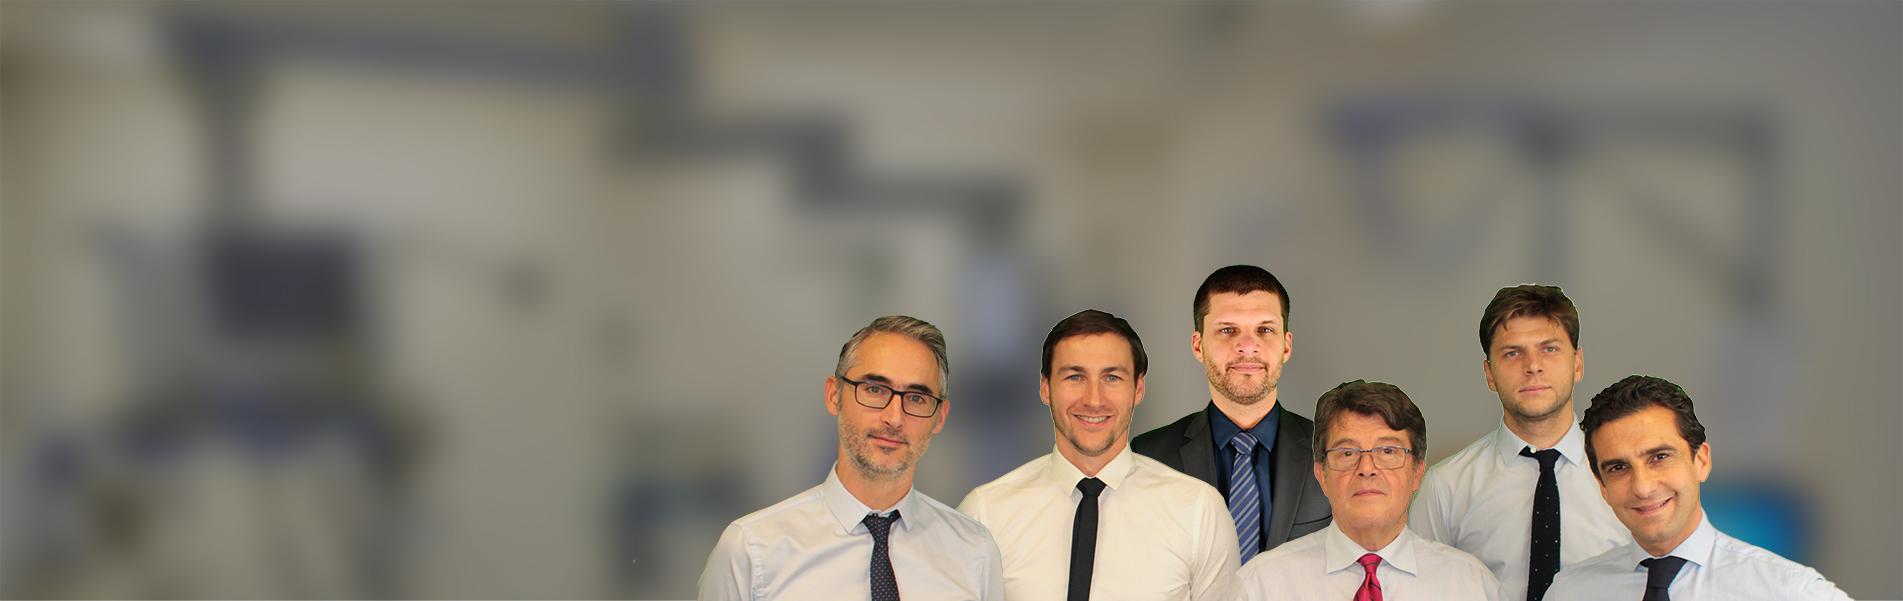 équipe de chirurgie orthopédique CHU de Saint-Etienne